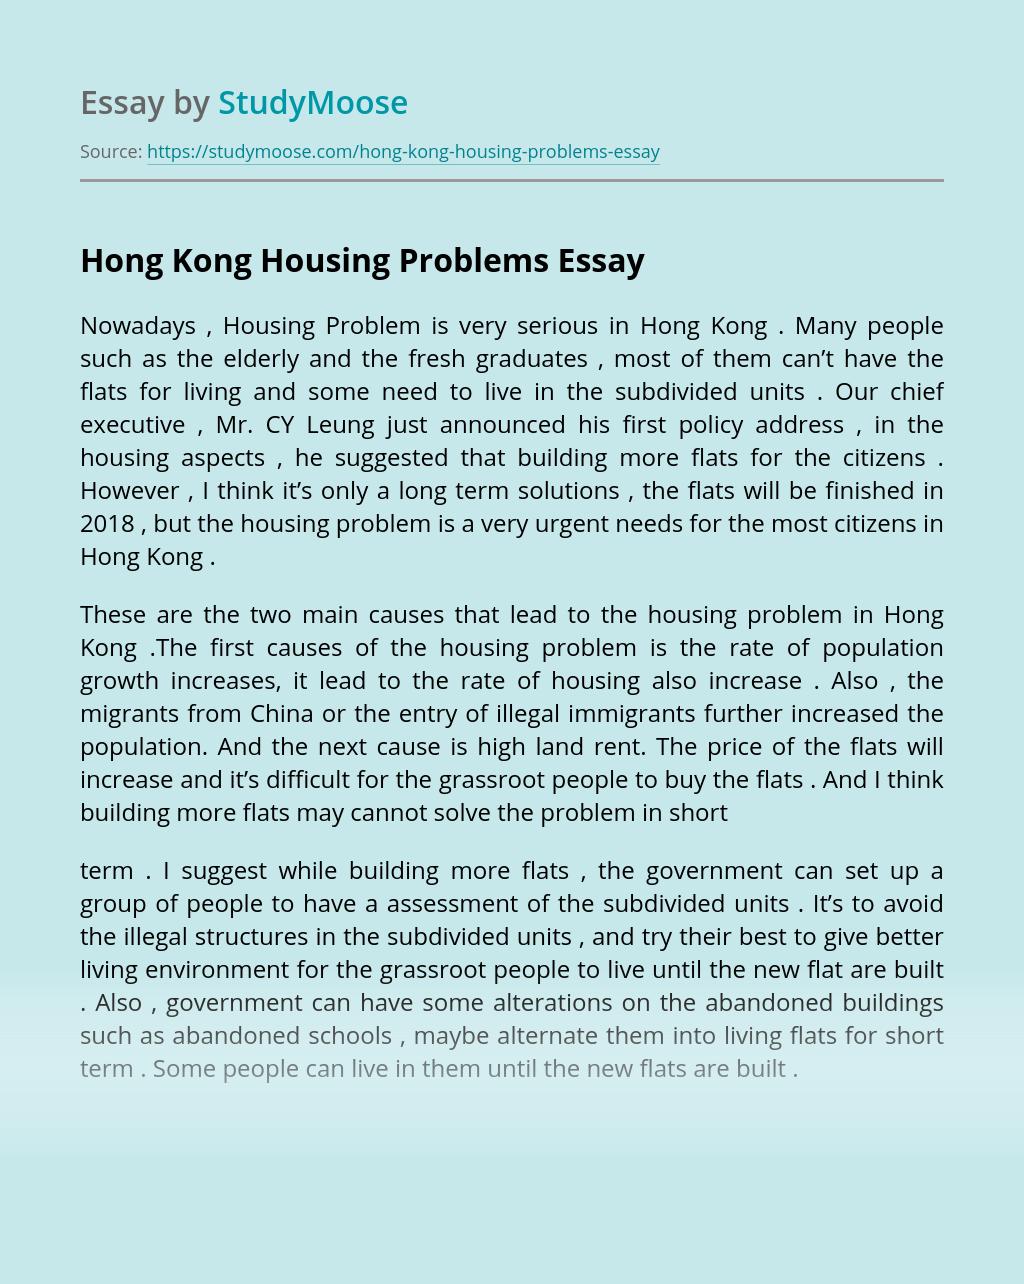 Hong Kong Housing Problems